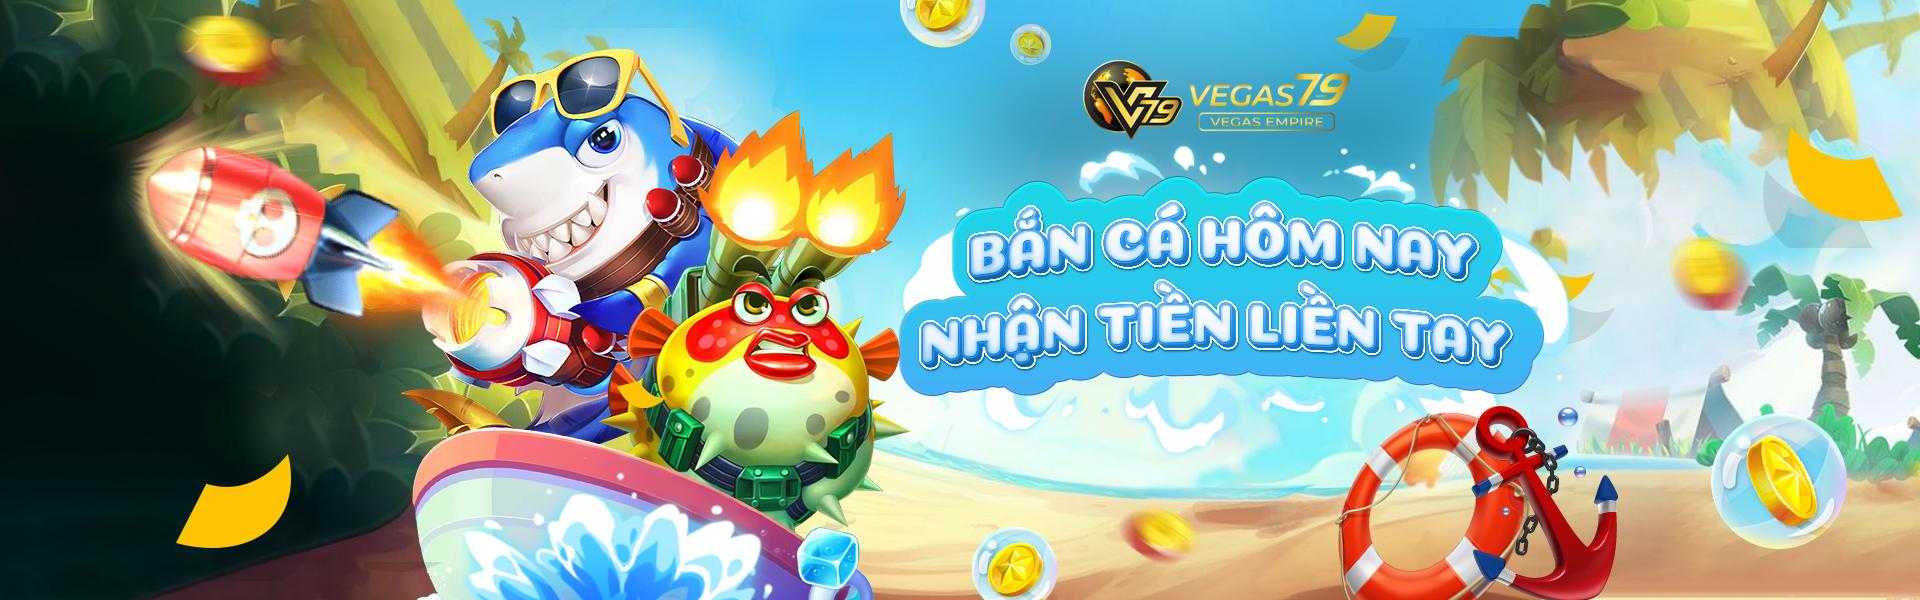 Game Ban Ca tien 3d